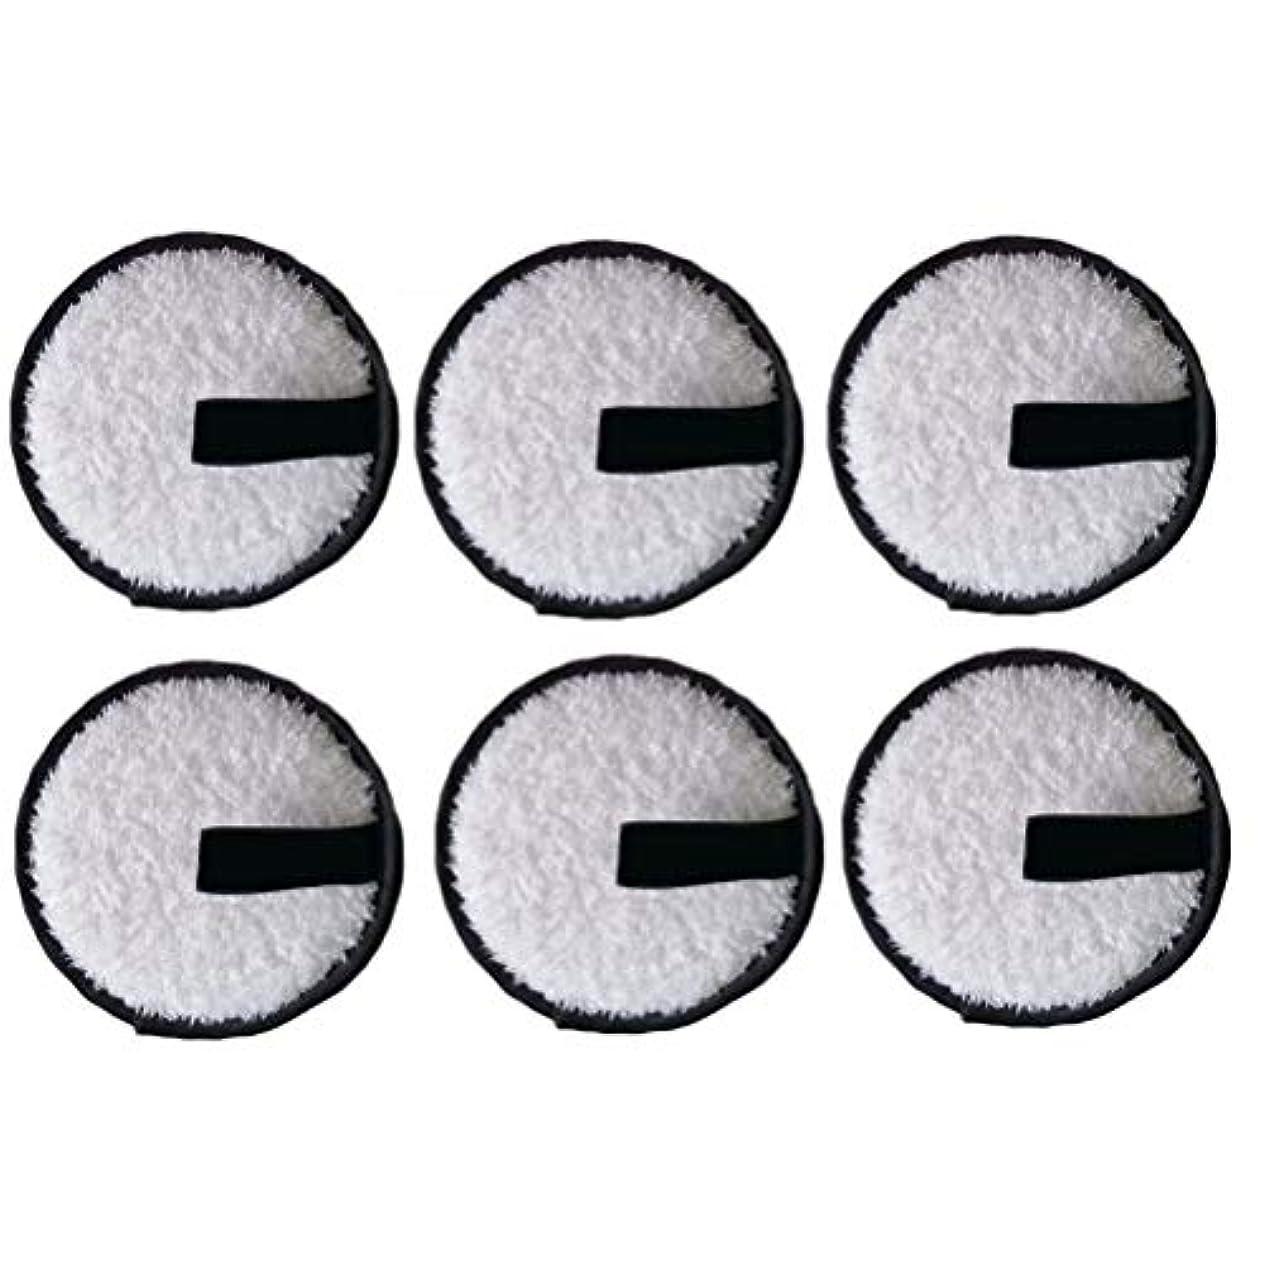 実施する姉妹野球Frcolor メイクアップパフ クレンジングパフ メイク落とし圧縮パッド 6本(黒)